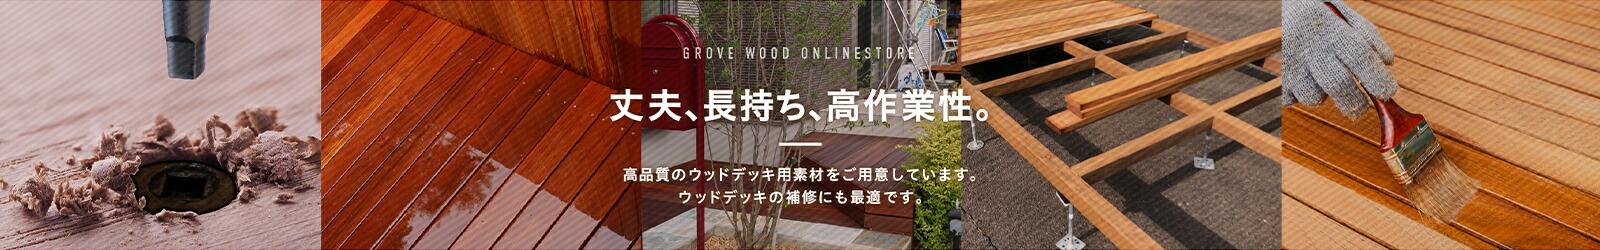 グローブウッドは、ウッドデッキ用ハードウッド材・ビス・塗料の専門ショップです。